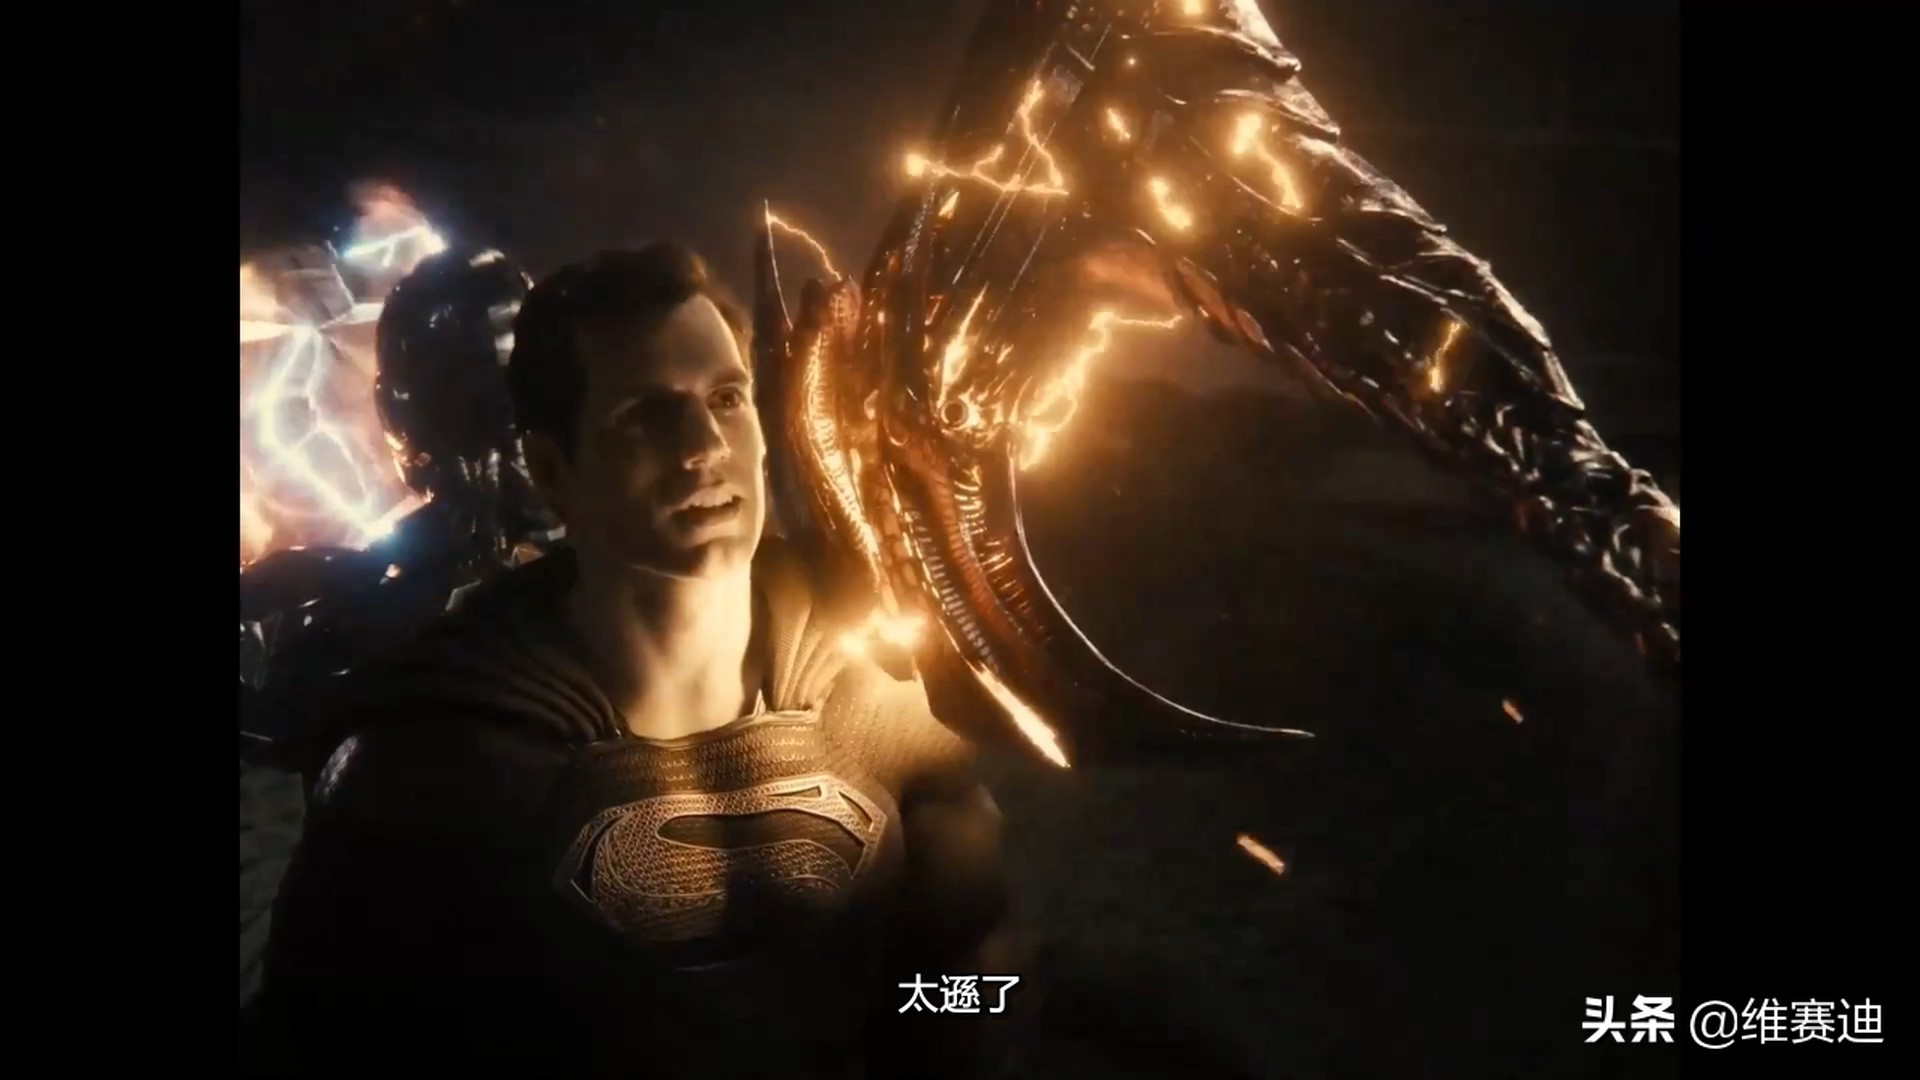 《正义联盟》导剪版,超人依旧碾压众生,4个小时大部分是文戏